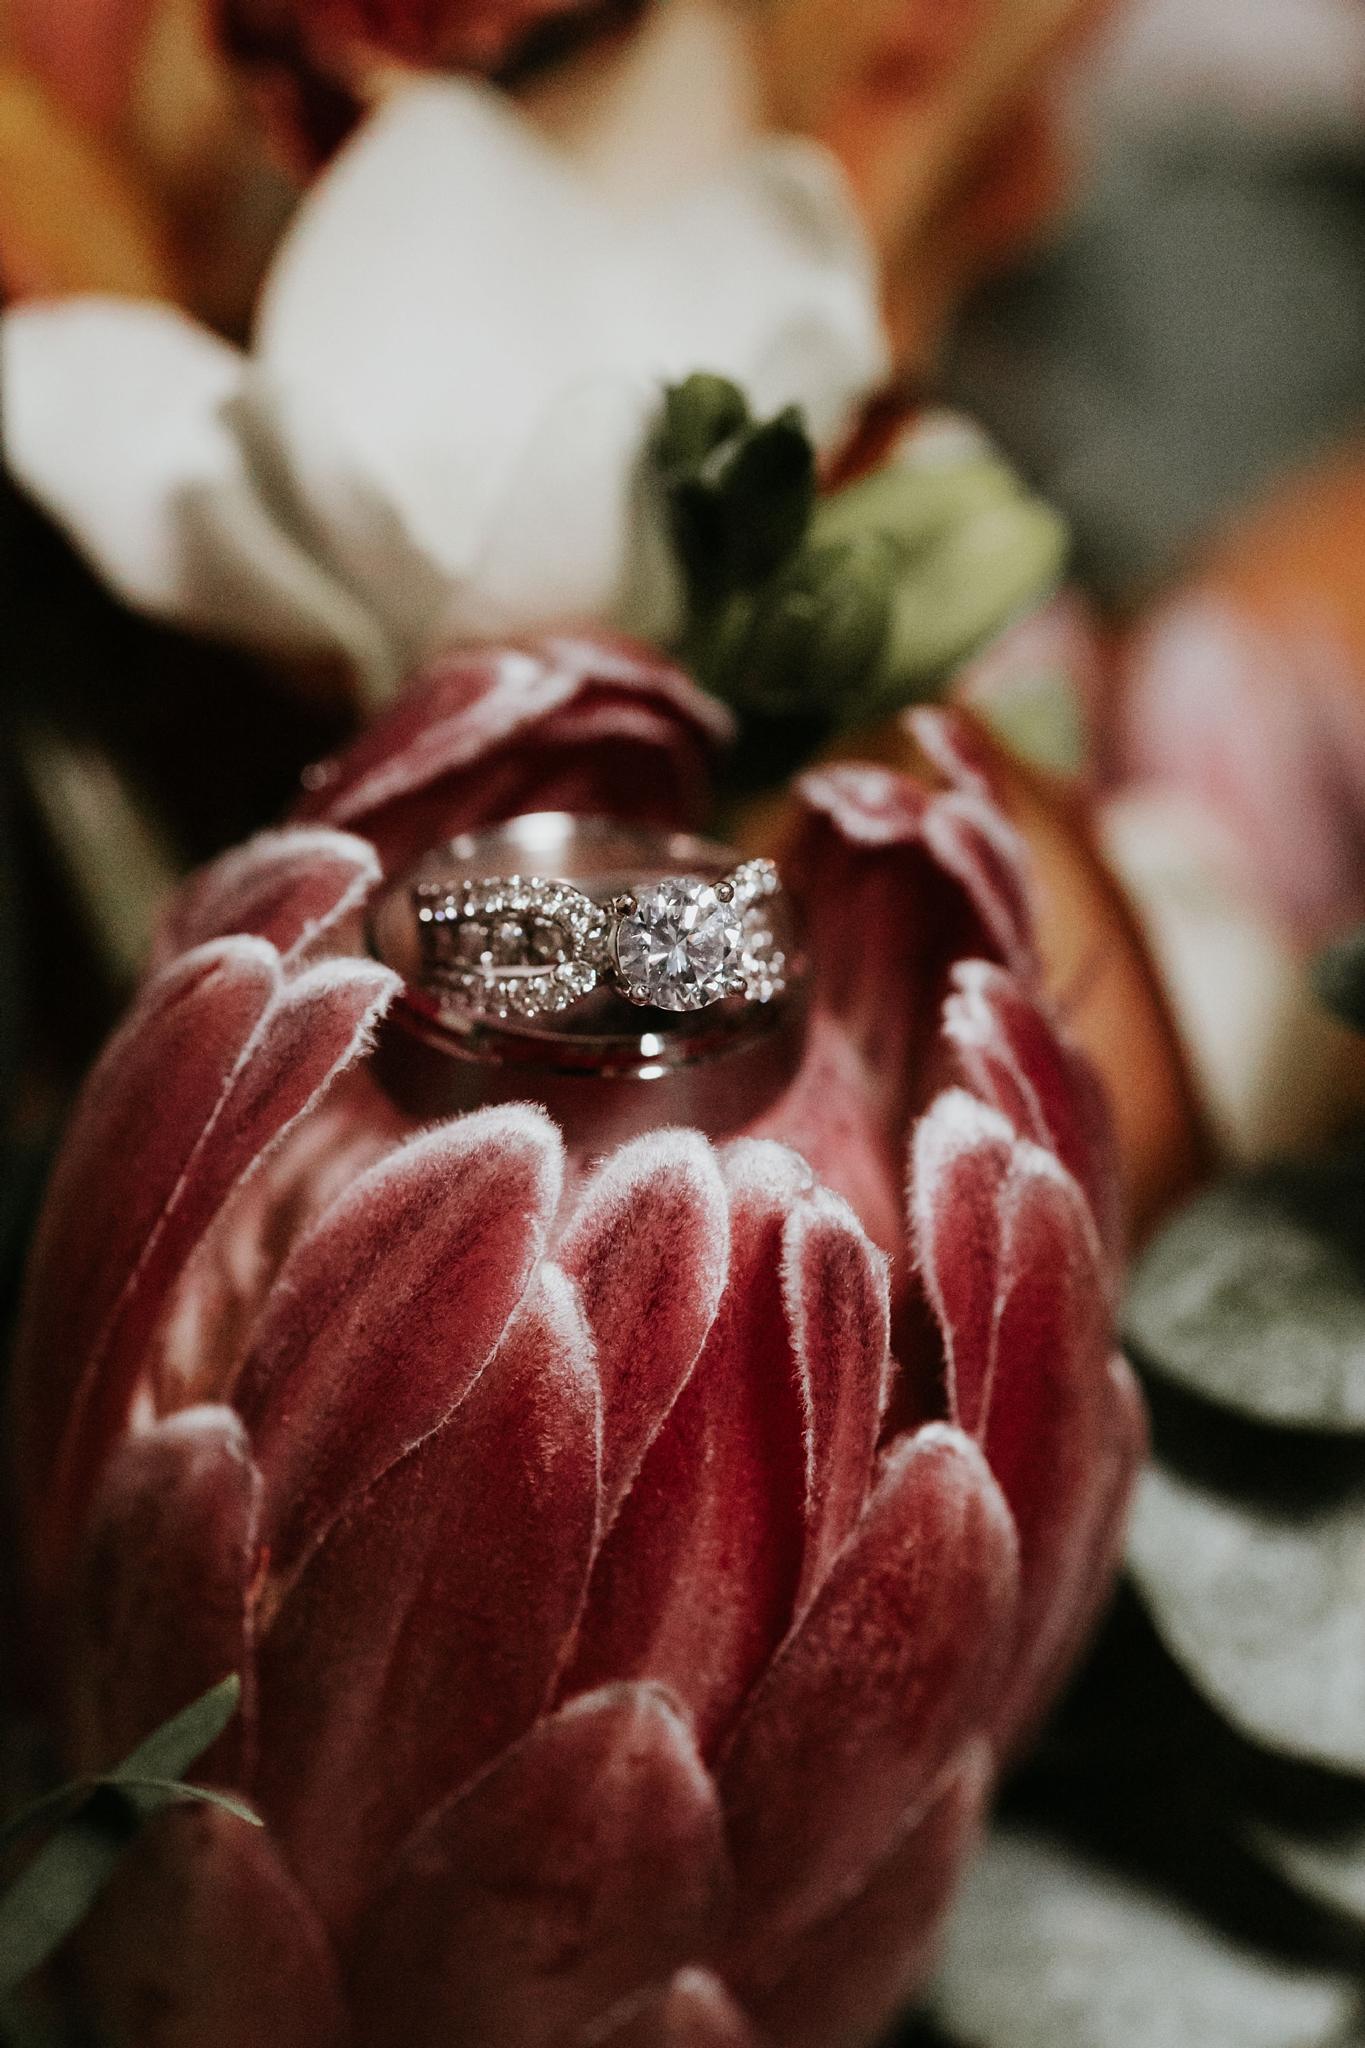 Alicia+lucia+photography+-+albuquerque+wedding+photographer+-+santa+fe+wedding+photography+-+new+mexico+wedding+photographer+-+new+mexico+wedding+-+santa+fe+wedding+-+albuquerque+wedding+-+wedding+rings+-+engagement+rings_0025.jpg